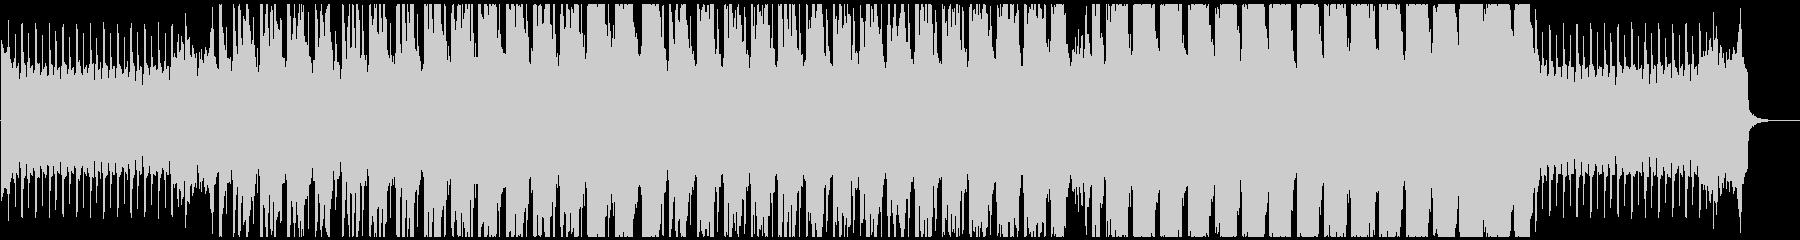 明るくキラキラしたハウス系BGMの未再生の波形